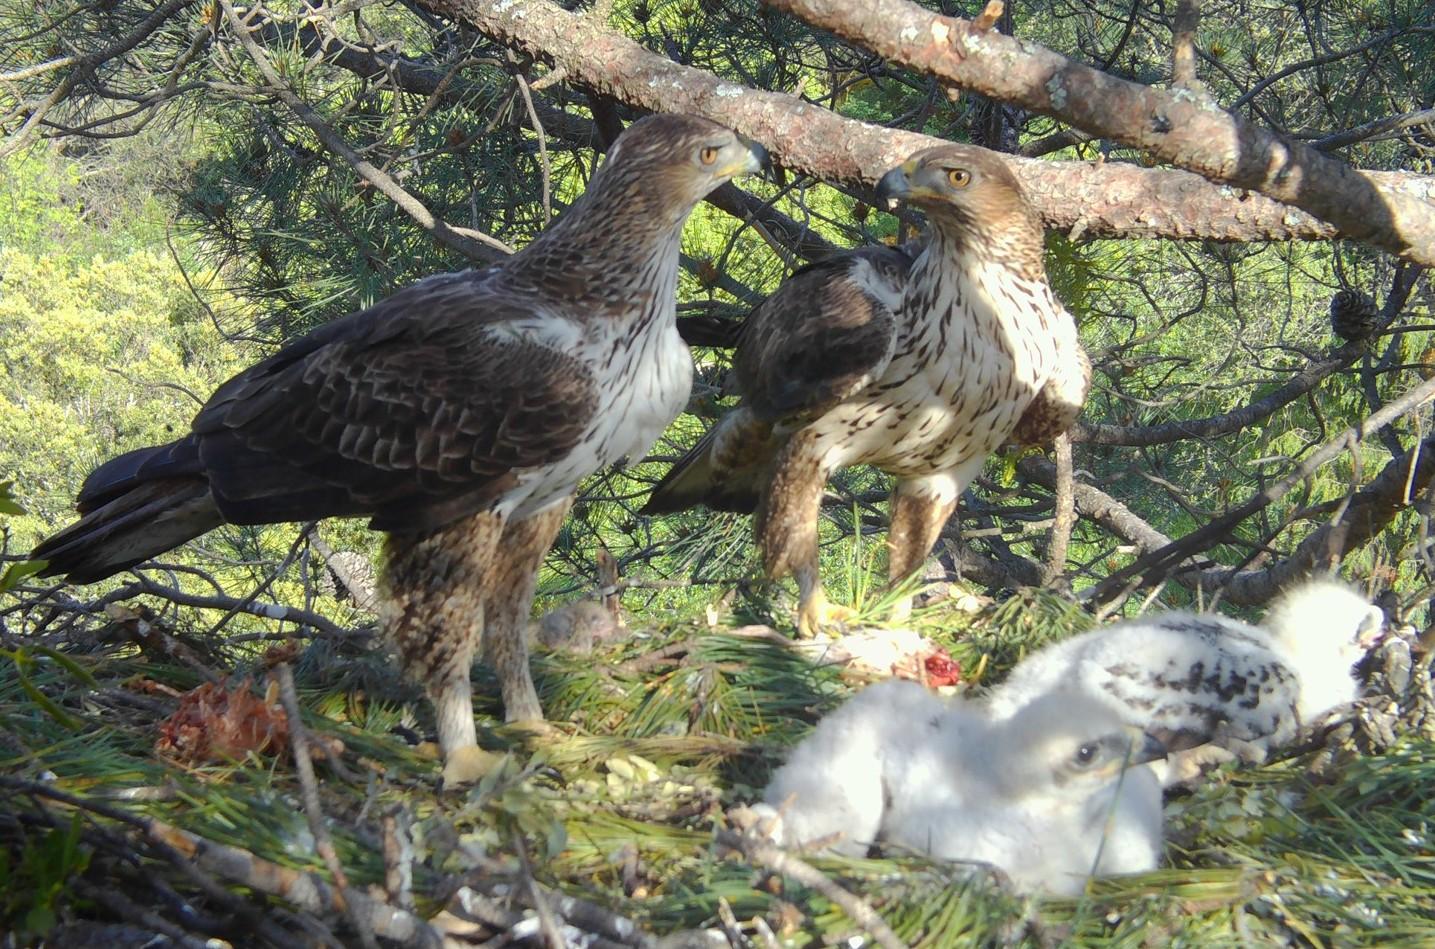 Pareja de águila de Bonelli reintroducida en la Comunidad de Madrid, junto a sus dos pollos nacidos en 2020. Imagen: Grefa y Soul Natura